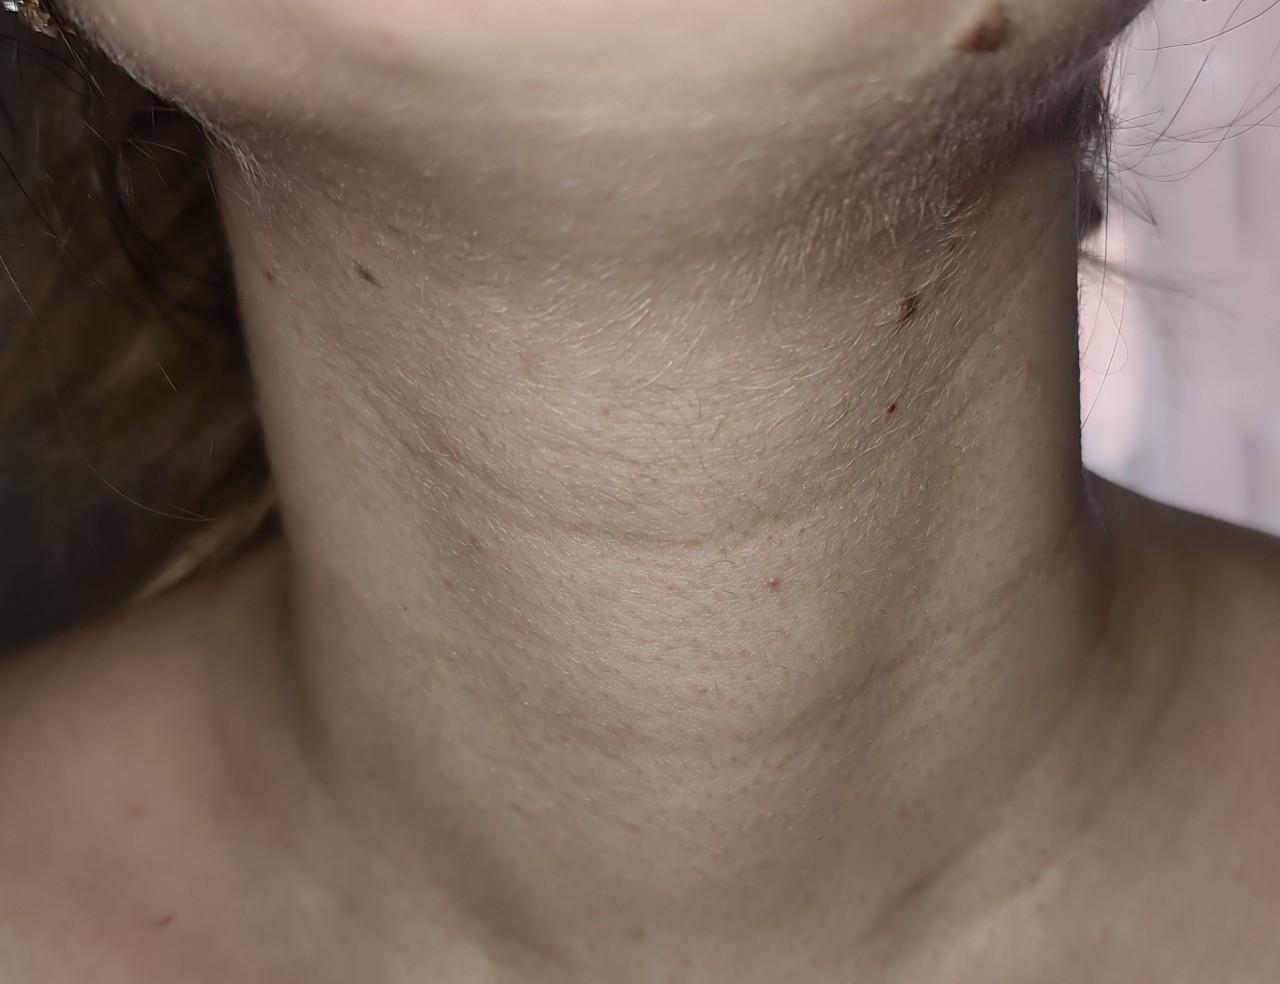 Лимфоузлы в груди у женщин и мужчин: расположение и причины воспаления